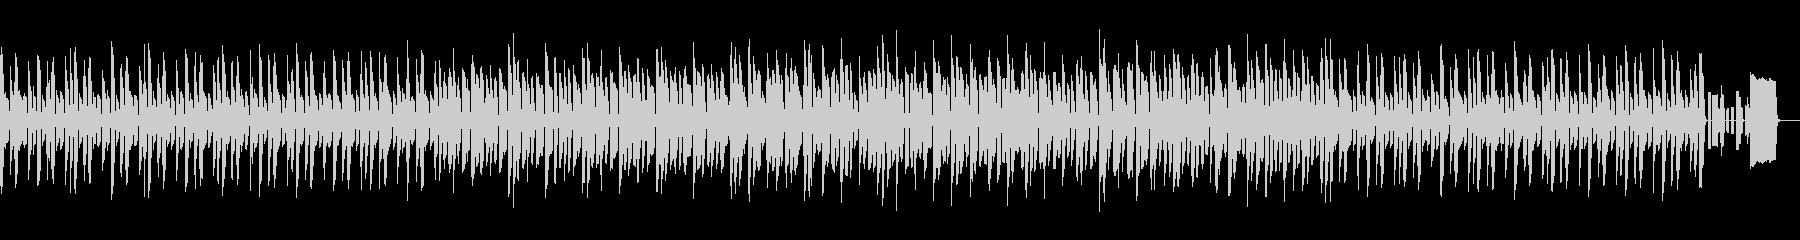 バラエティ コミカルなファミコンサウンドの未再生の波形